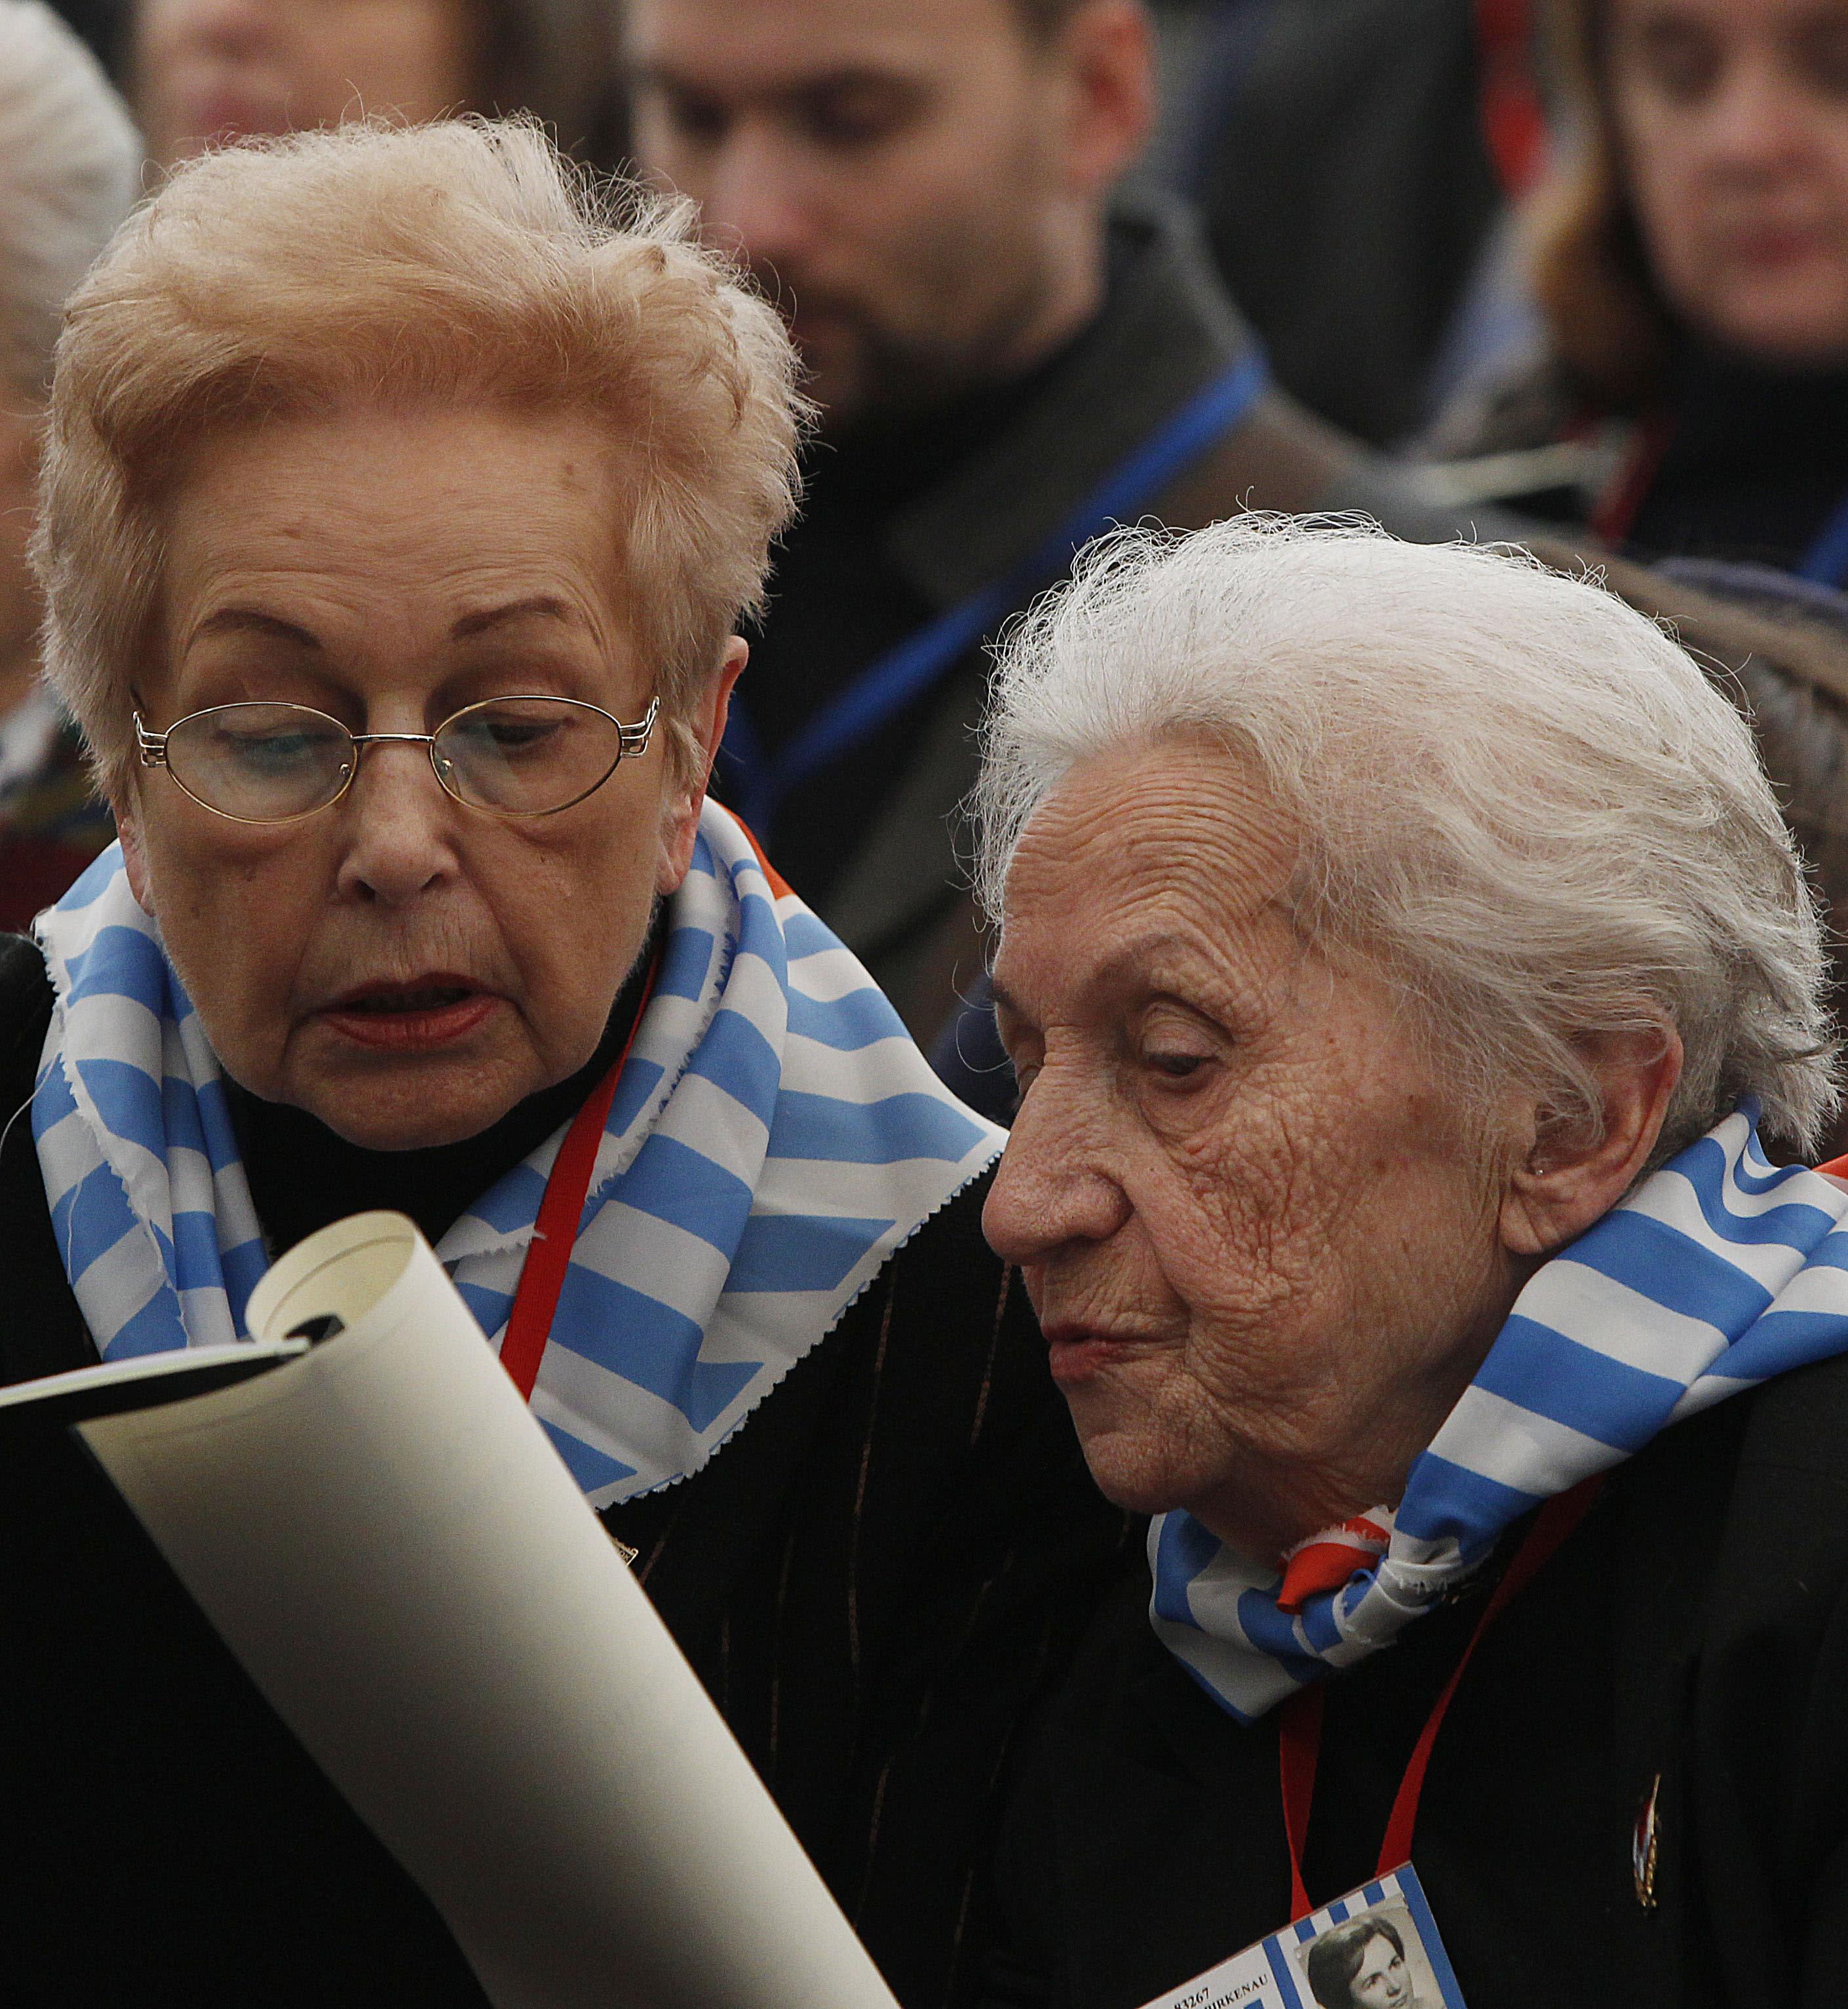 Sobrevivientes del campo de concentración de Auschwitz asisten a una ceremonia en Oswiecim, Polonia, el domingo 27 de enero de 2013, por el Día Internacional del Recuerdo del Holocausto. (AP Foto/Czarek Sokolowski)